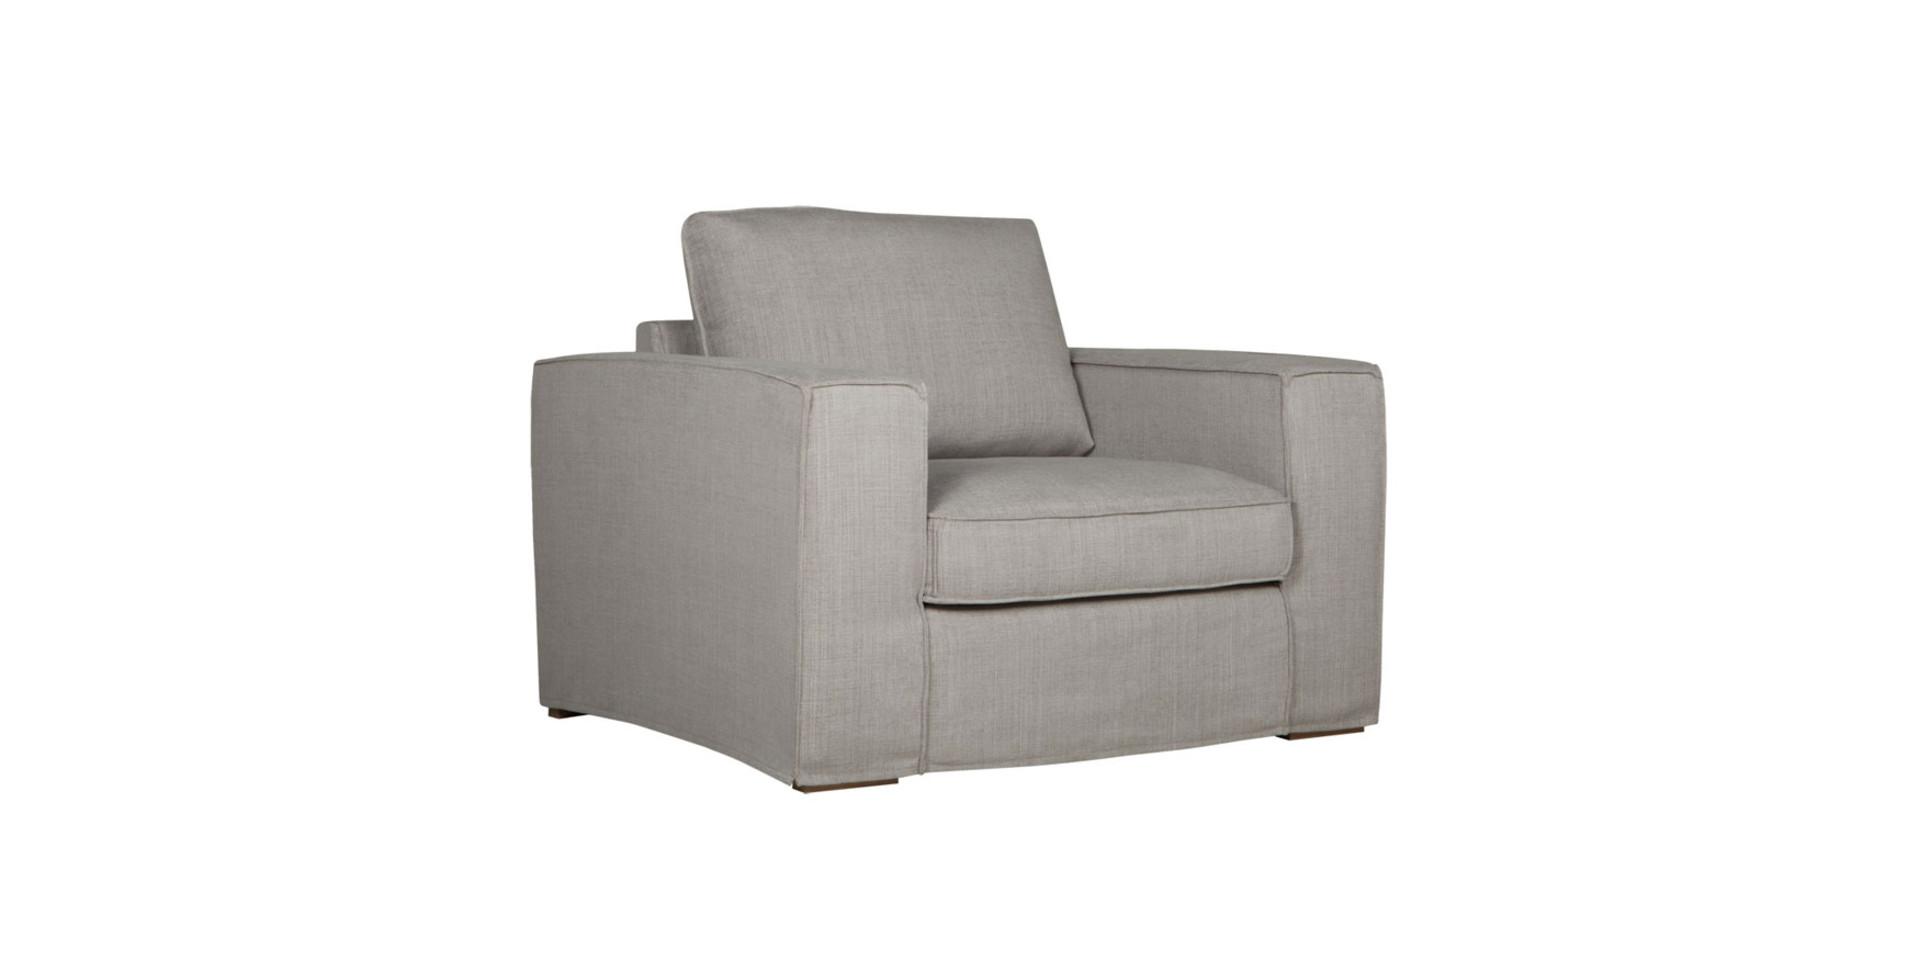 sits-abbe-fauteuil-armchair_mattis54_light_grey_2